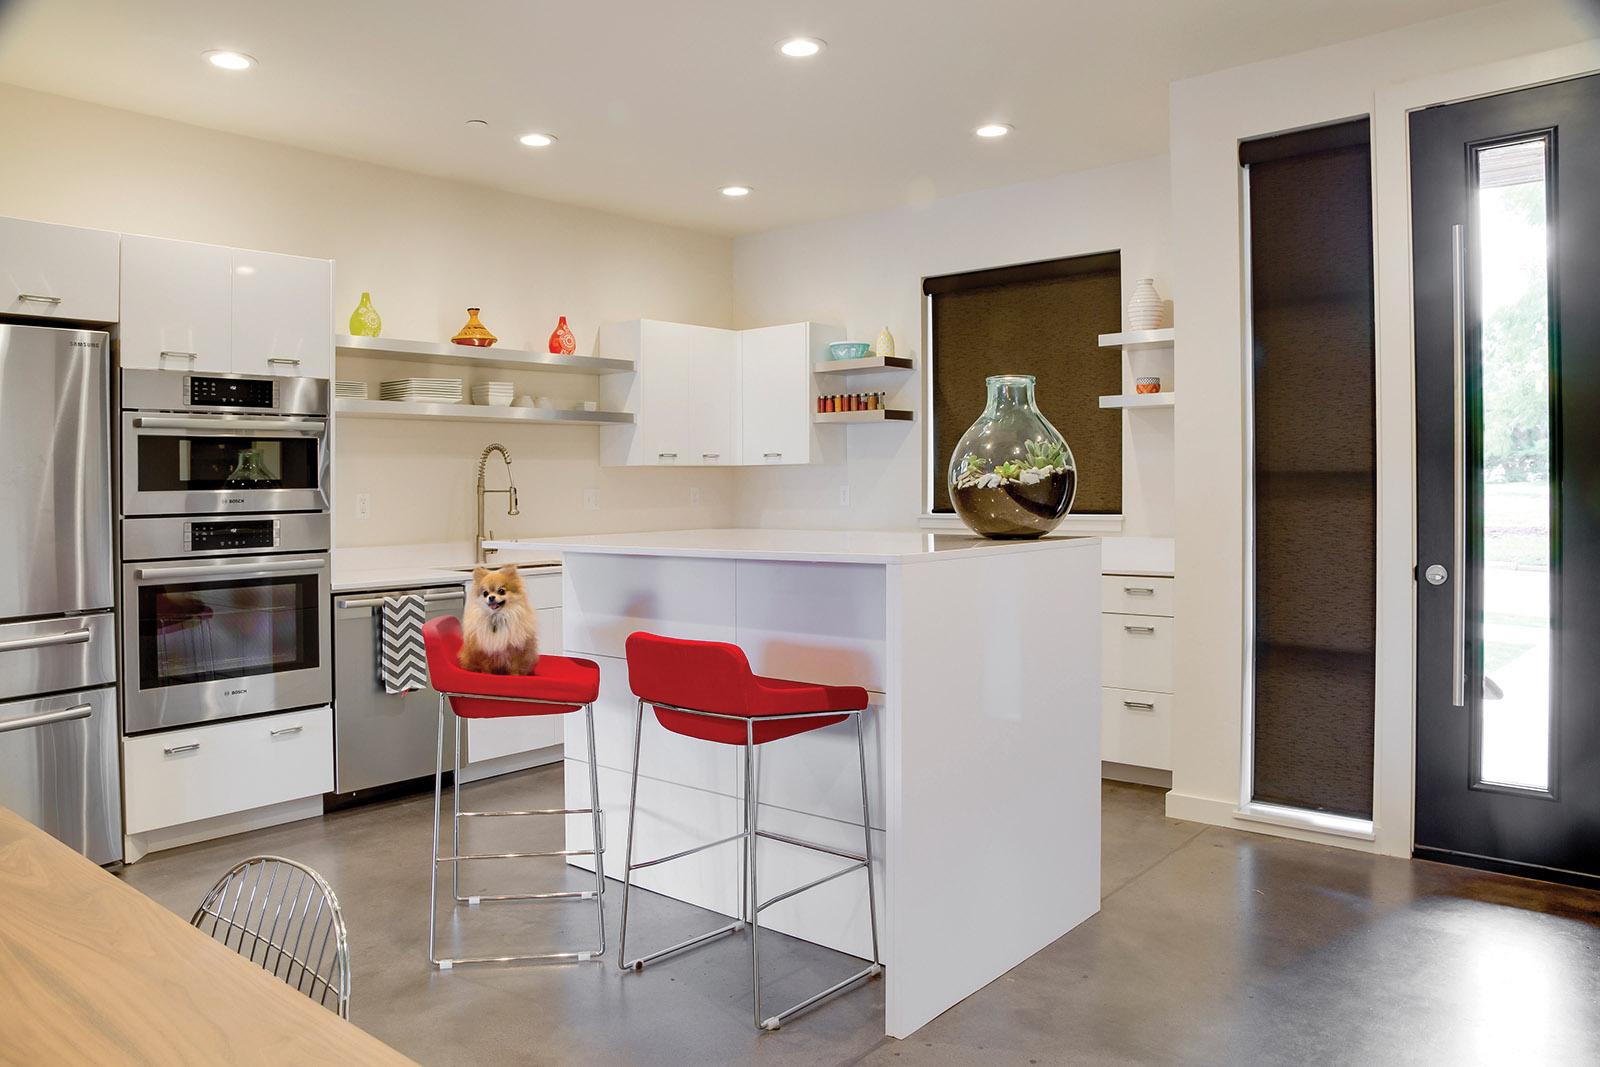 Loft Contemporary Kitchen Cabinets: White